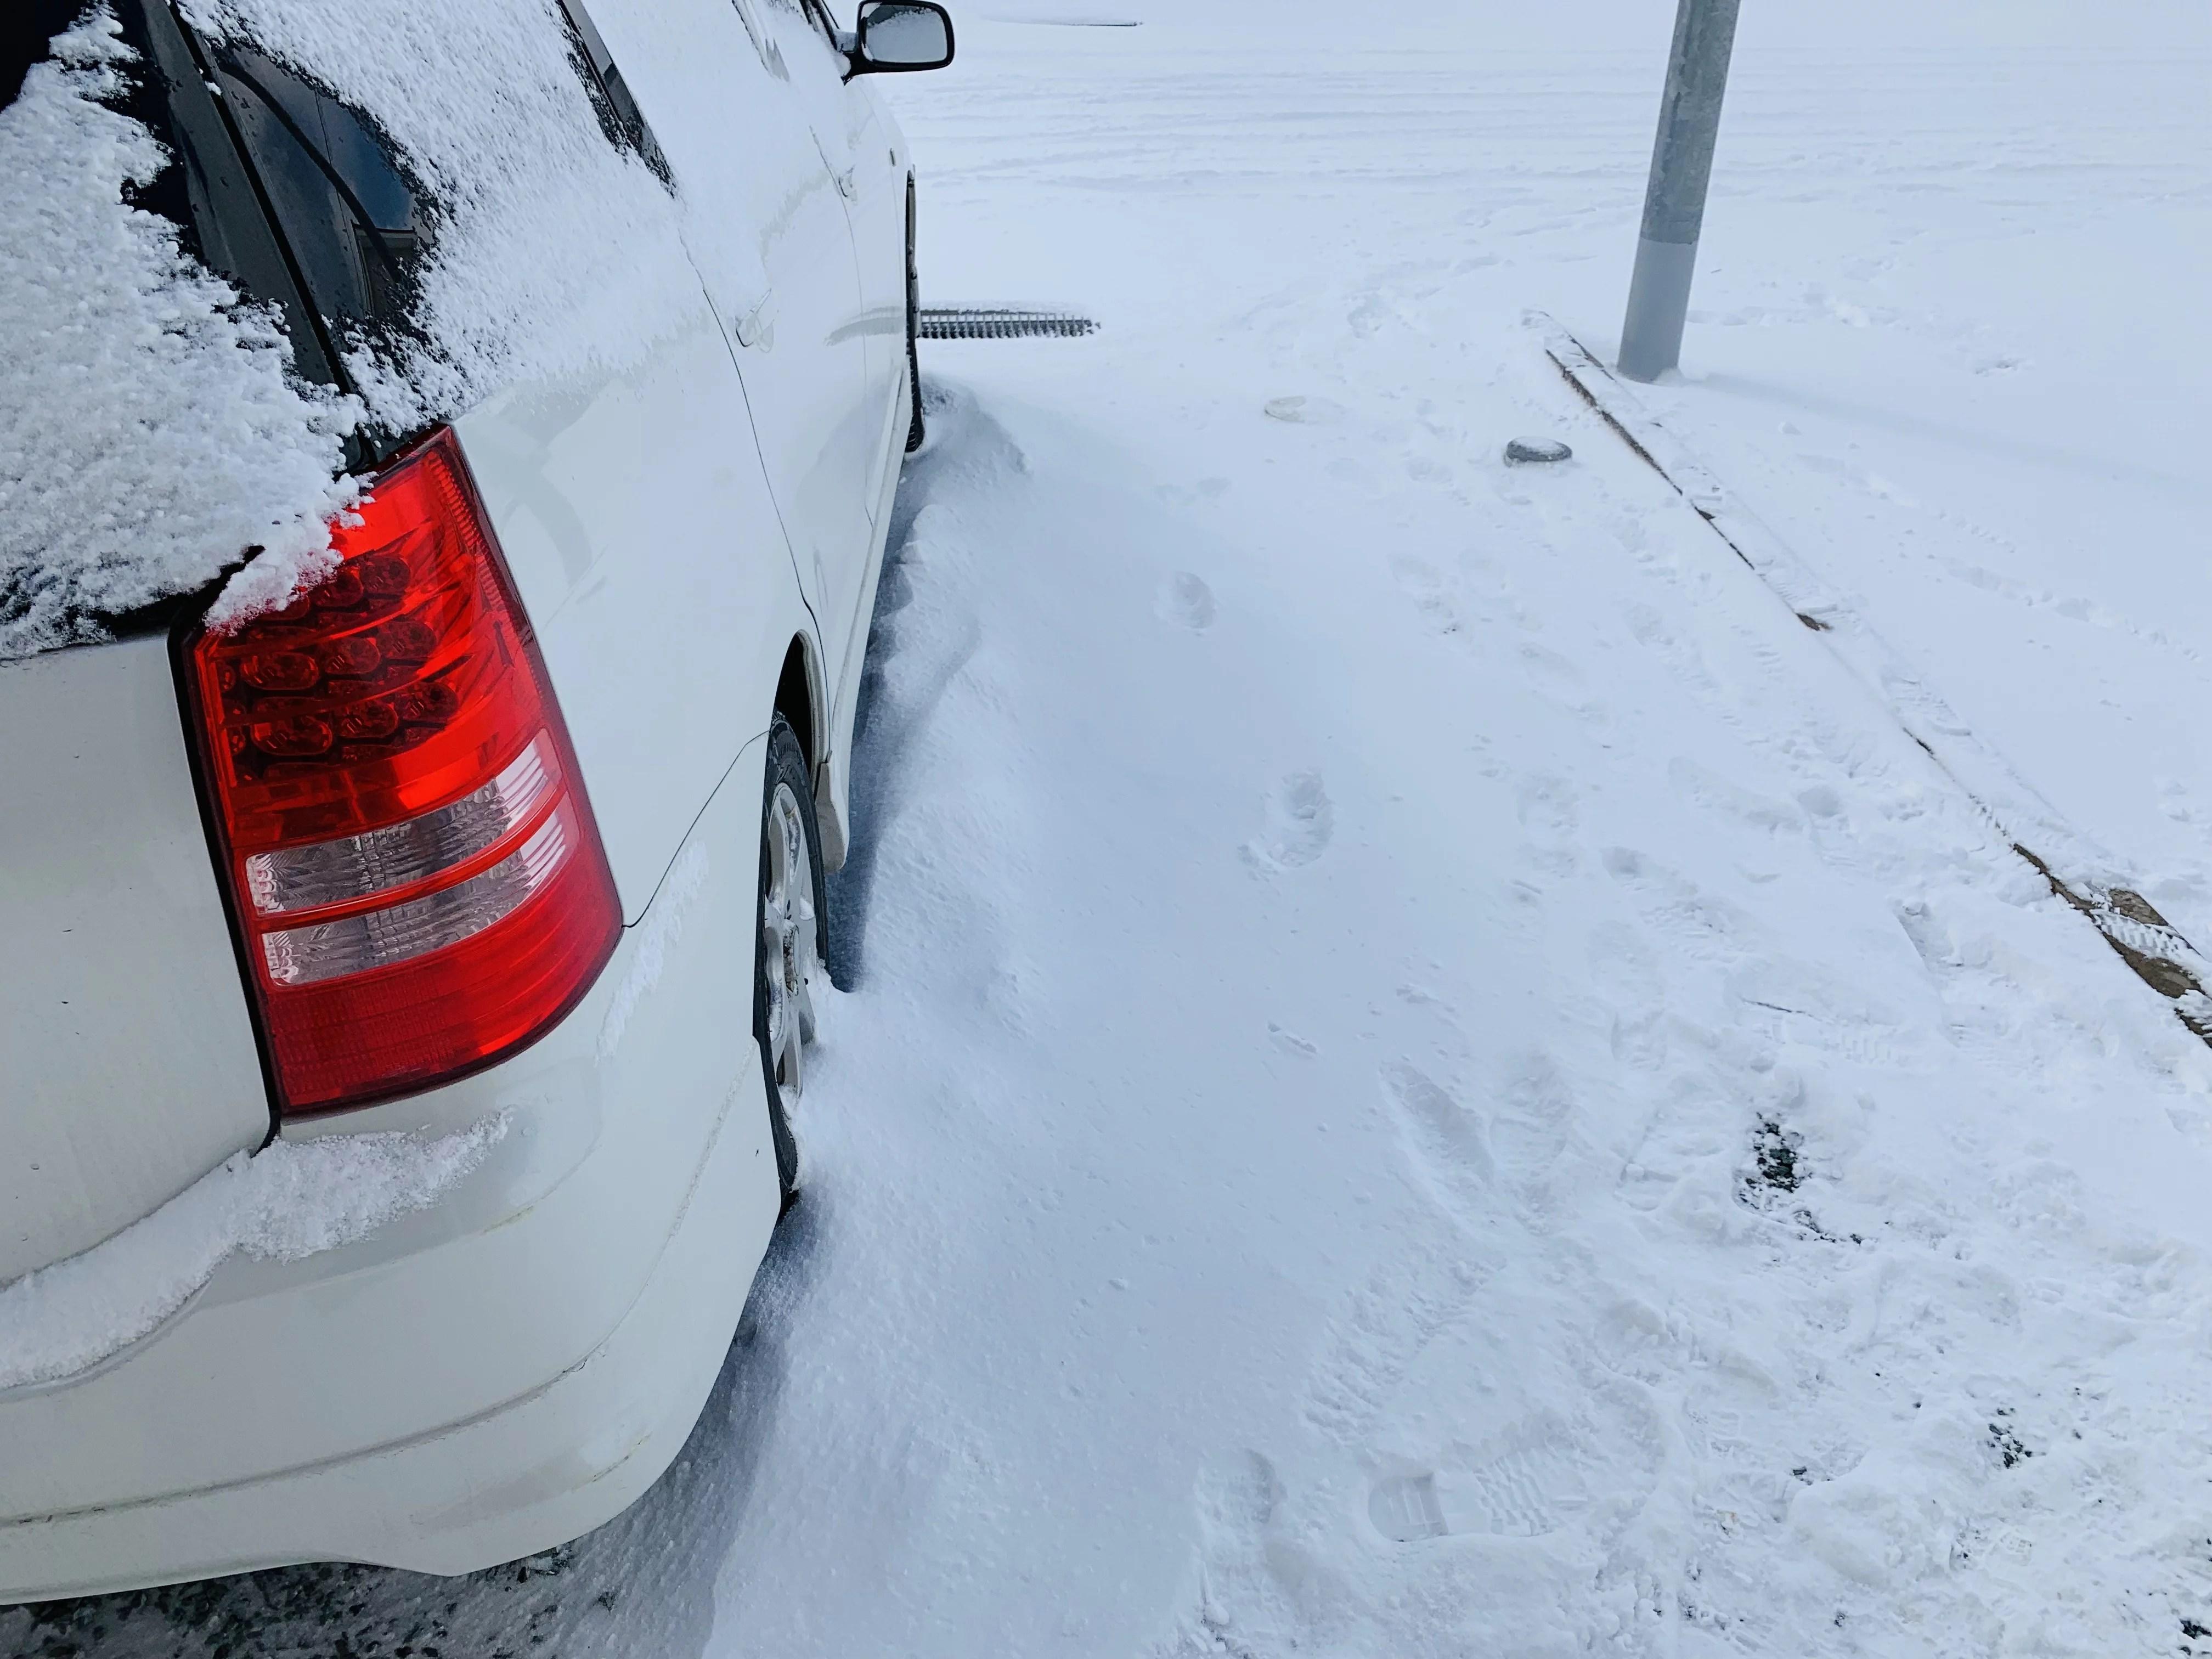 車と地面に降り積もった雪